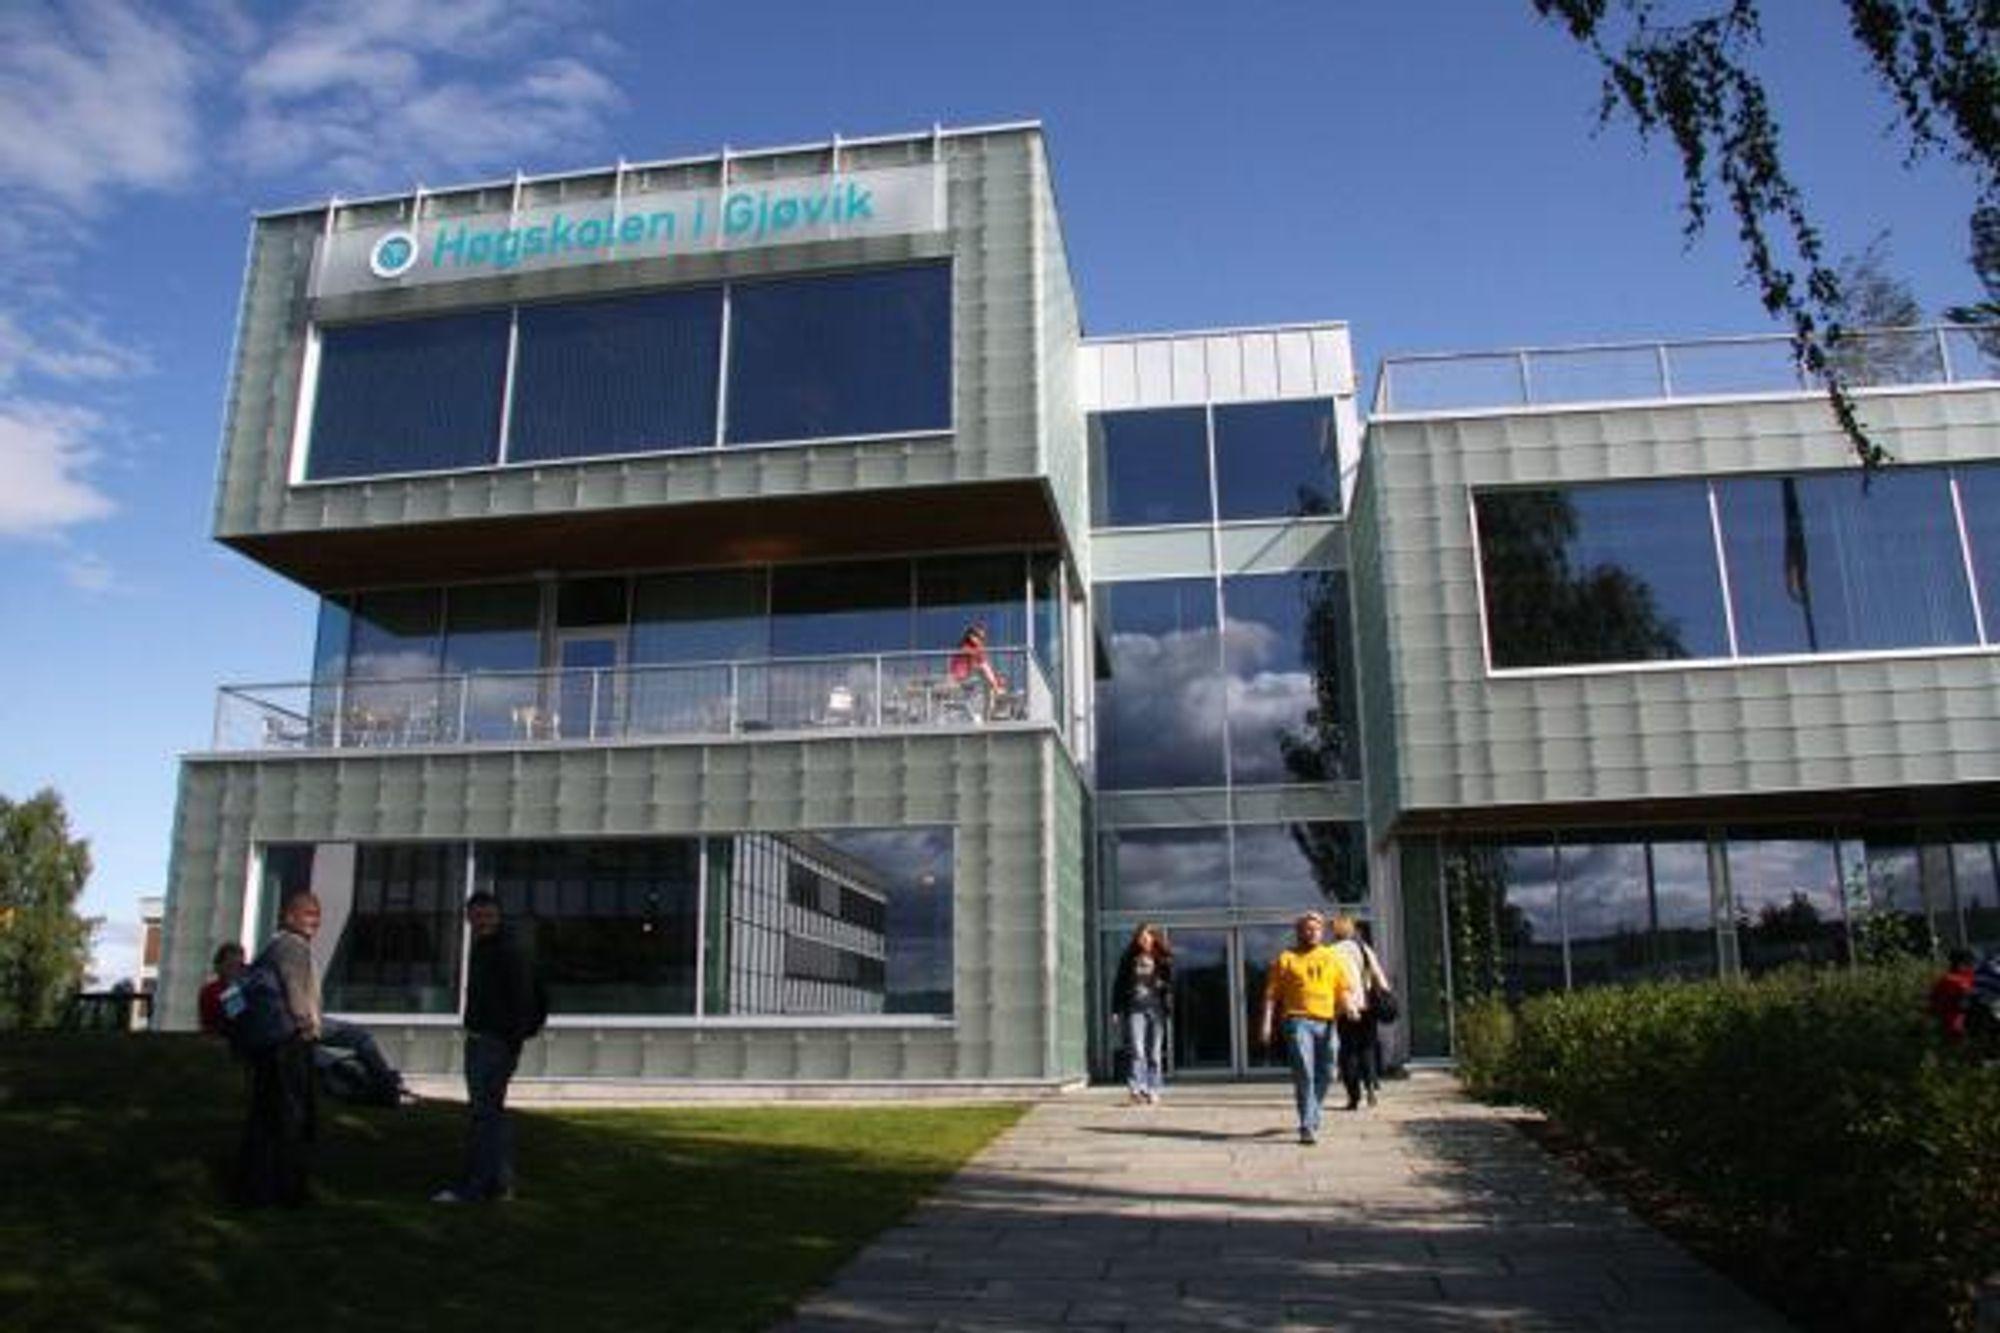 Høgskolen i Gjøvik har jobbet i flere år med å bli et tyngdepunkt for it-sikkerhet og åpner det nye nasjonale it- og cybersikkehetsenteret CCIS i august.